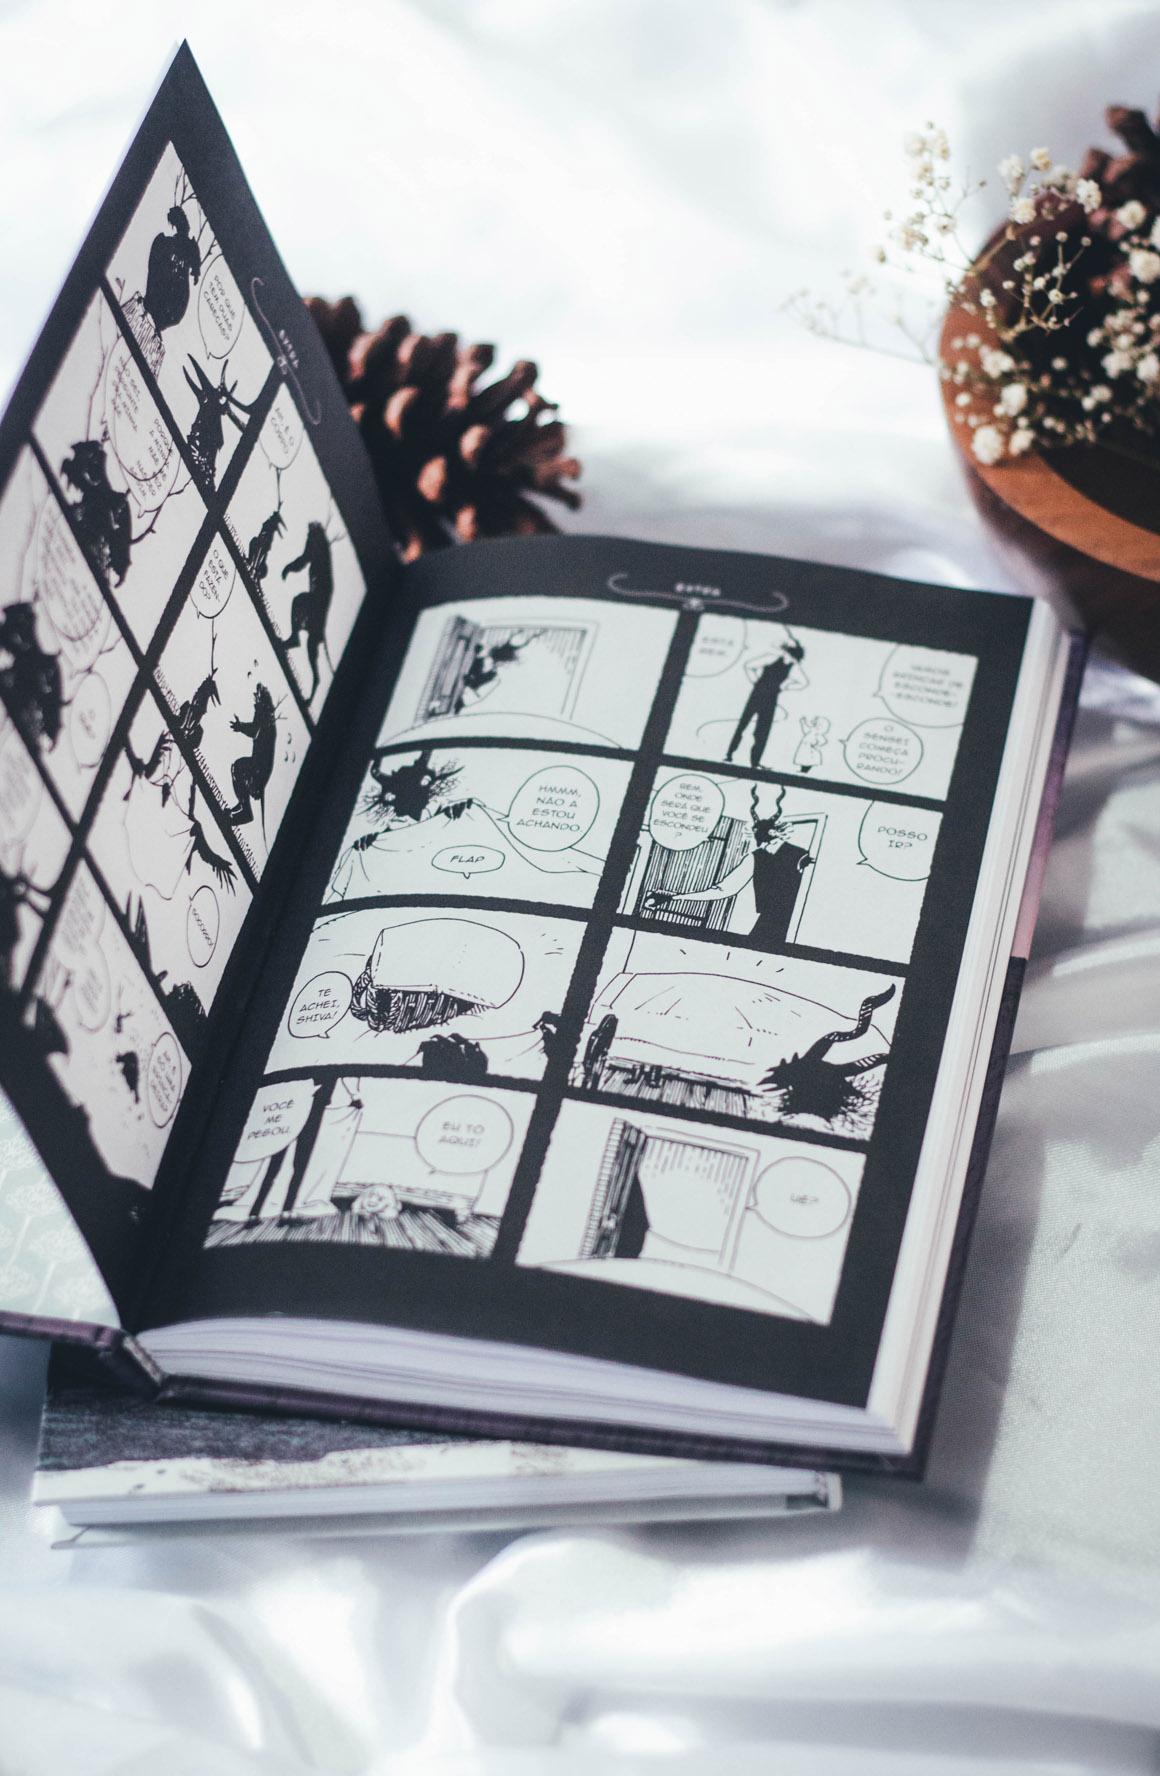 Resenha A Menina do Outro lado Manga Darkside Books